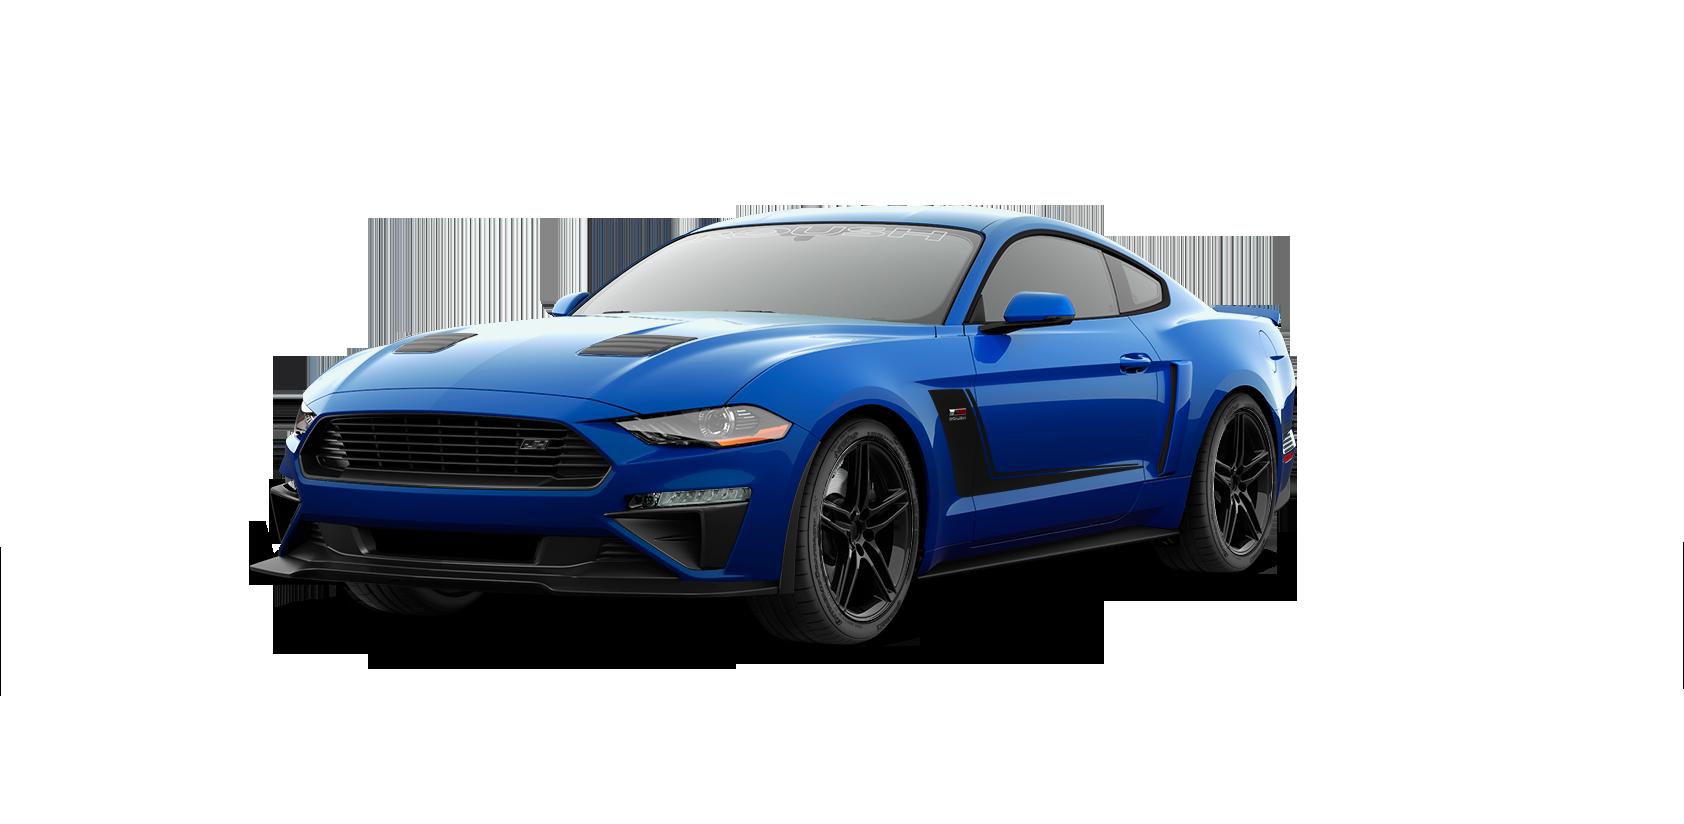 2018 Roush JackHammer Churns Out 710 Horsepower - autoevolution